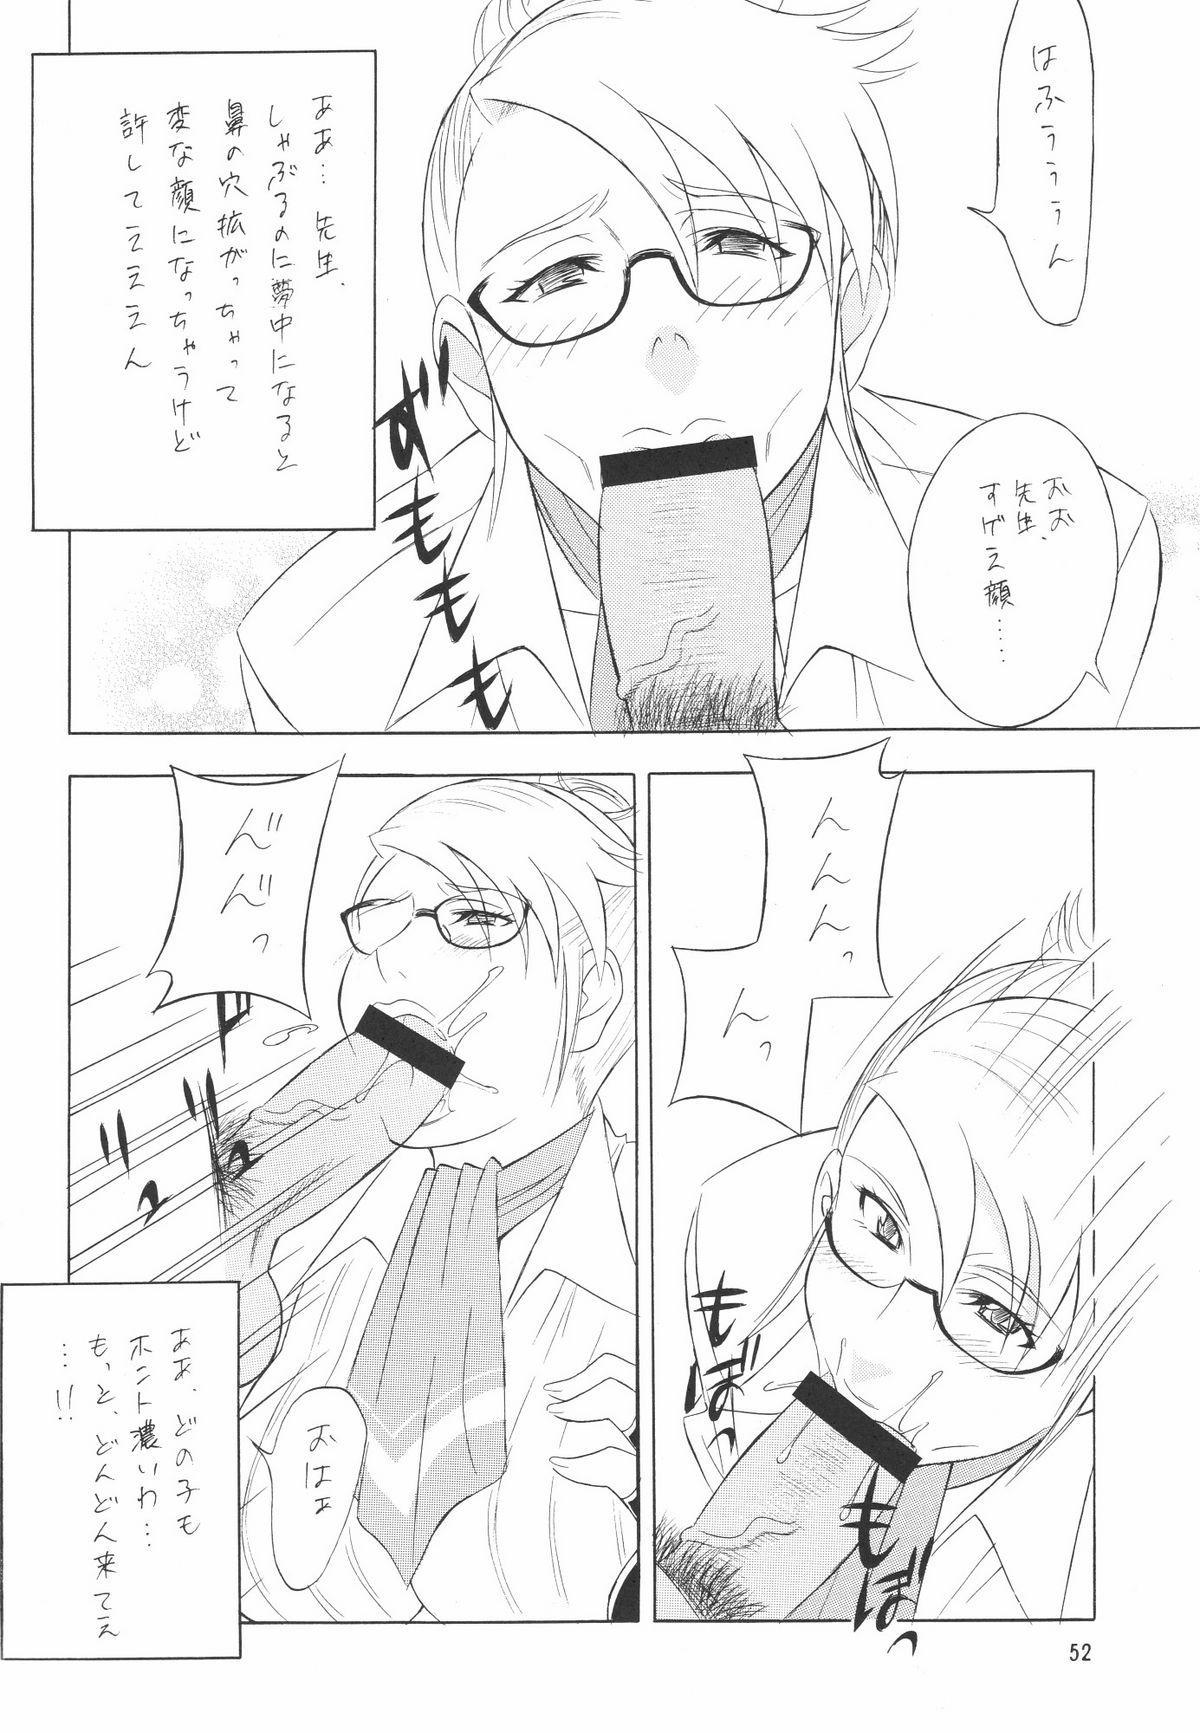 Megane no Sensei ha Suki Desuka? 52